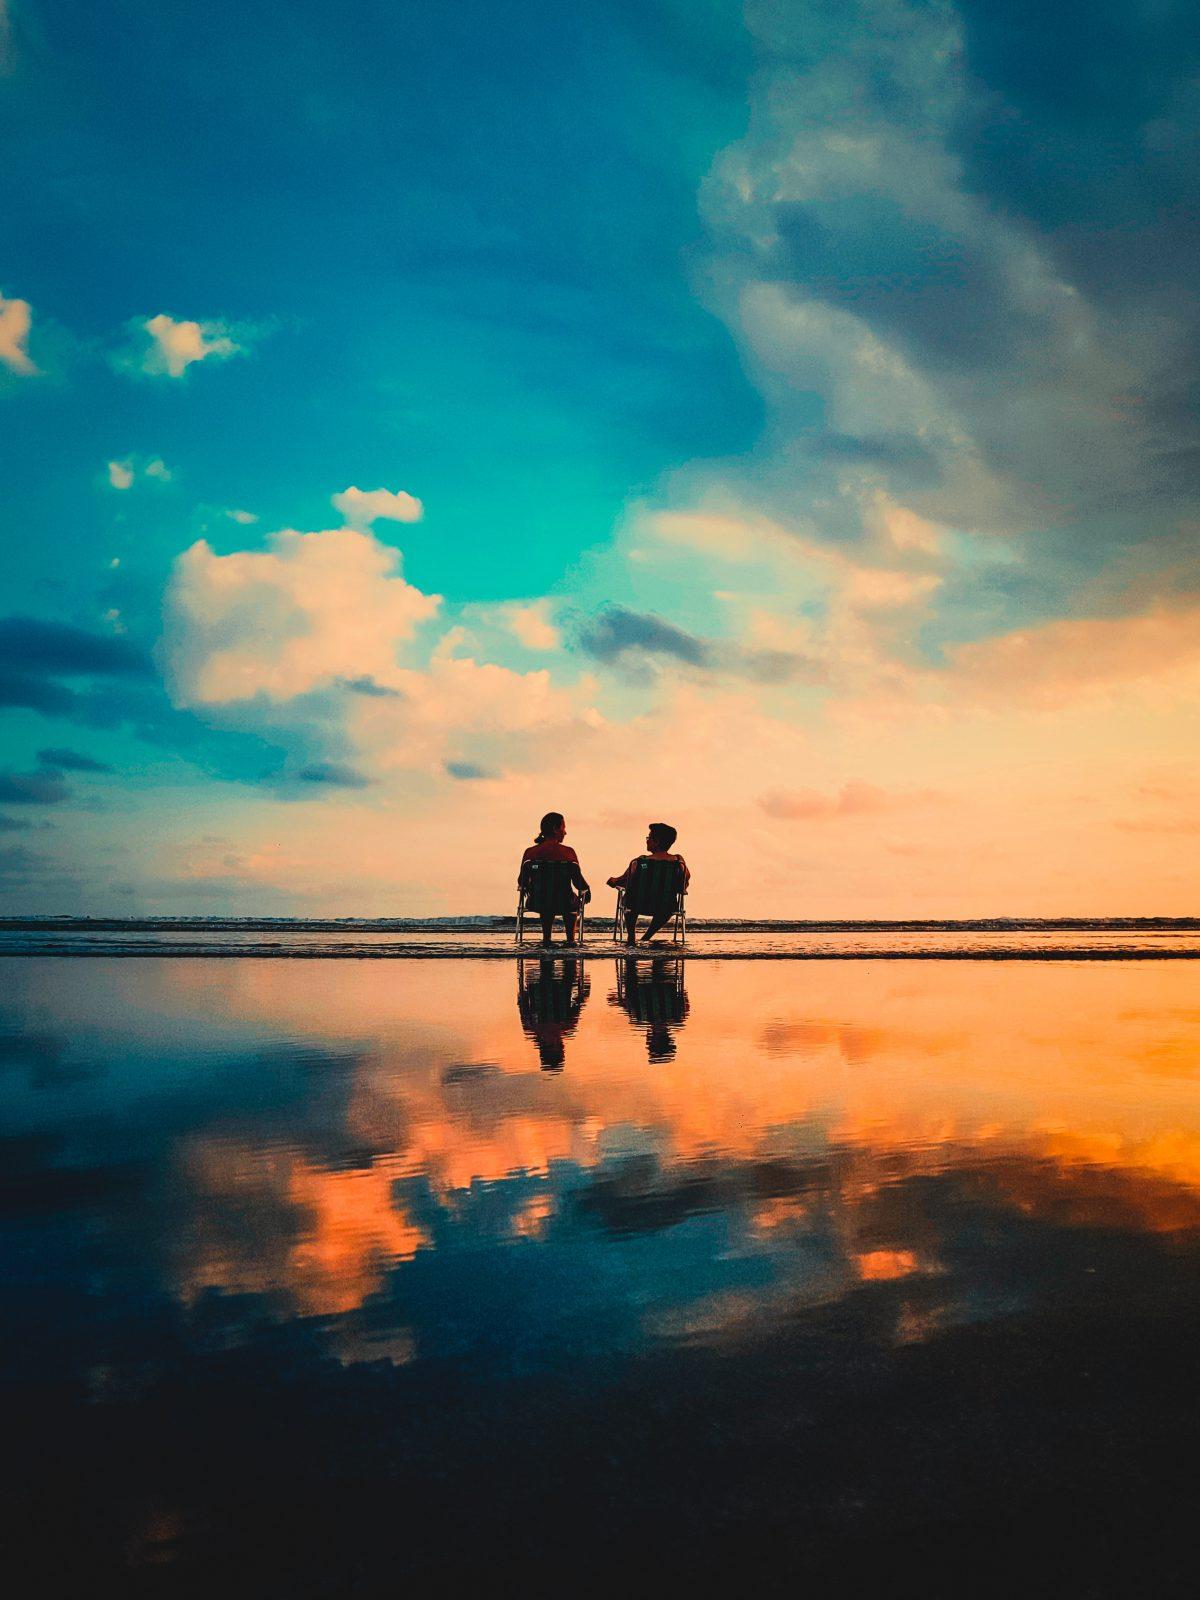 persoonlijk leiderschap man en vrouw zittend op een strandstoel in zee bij zonsondergang